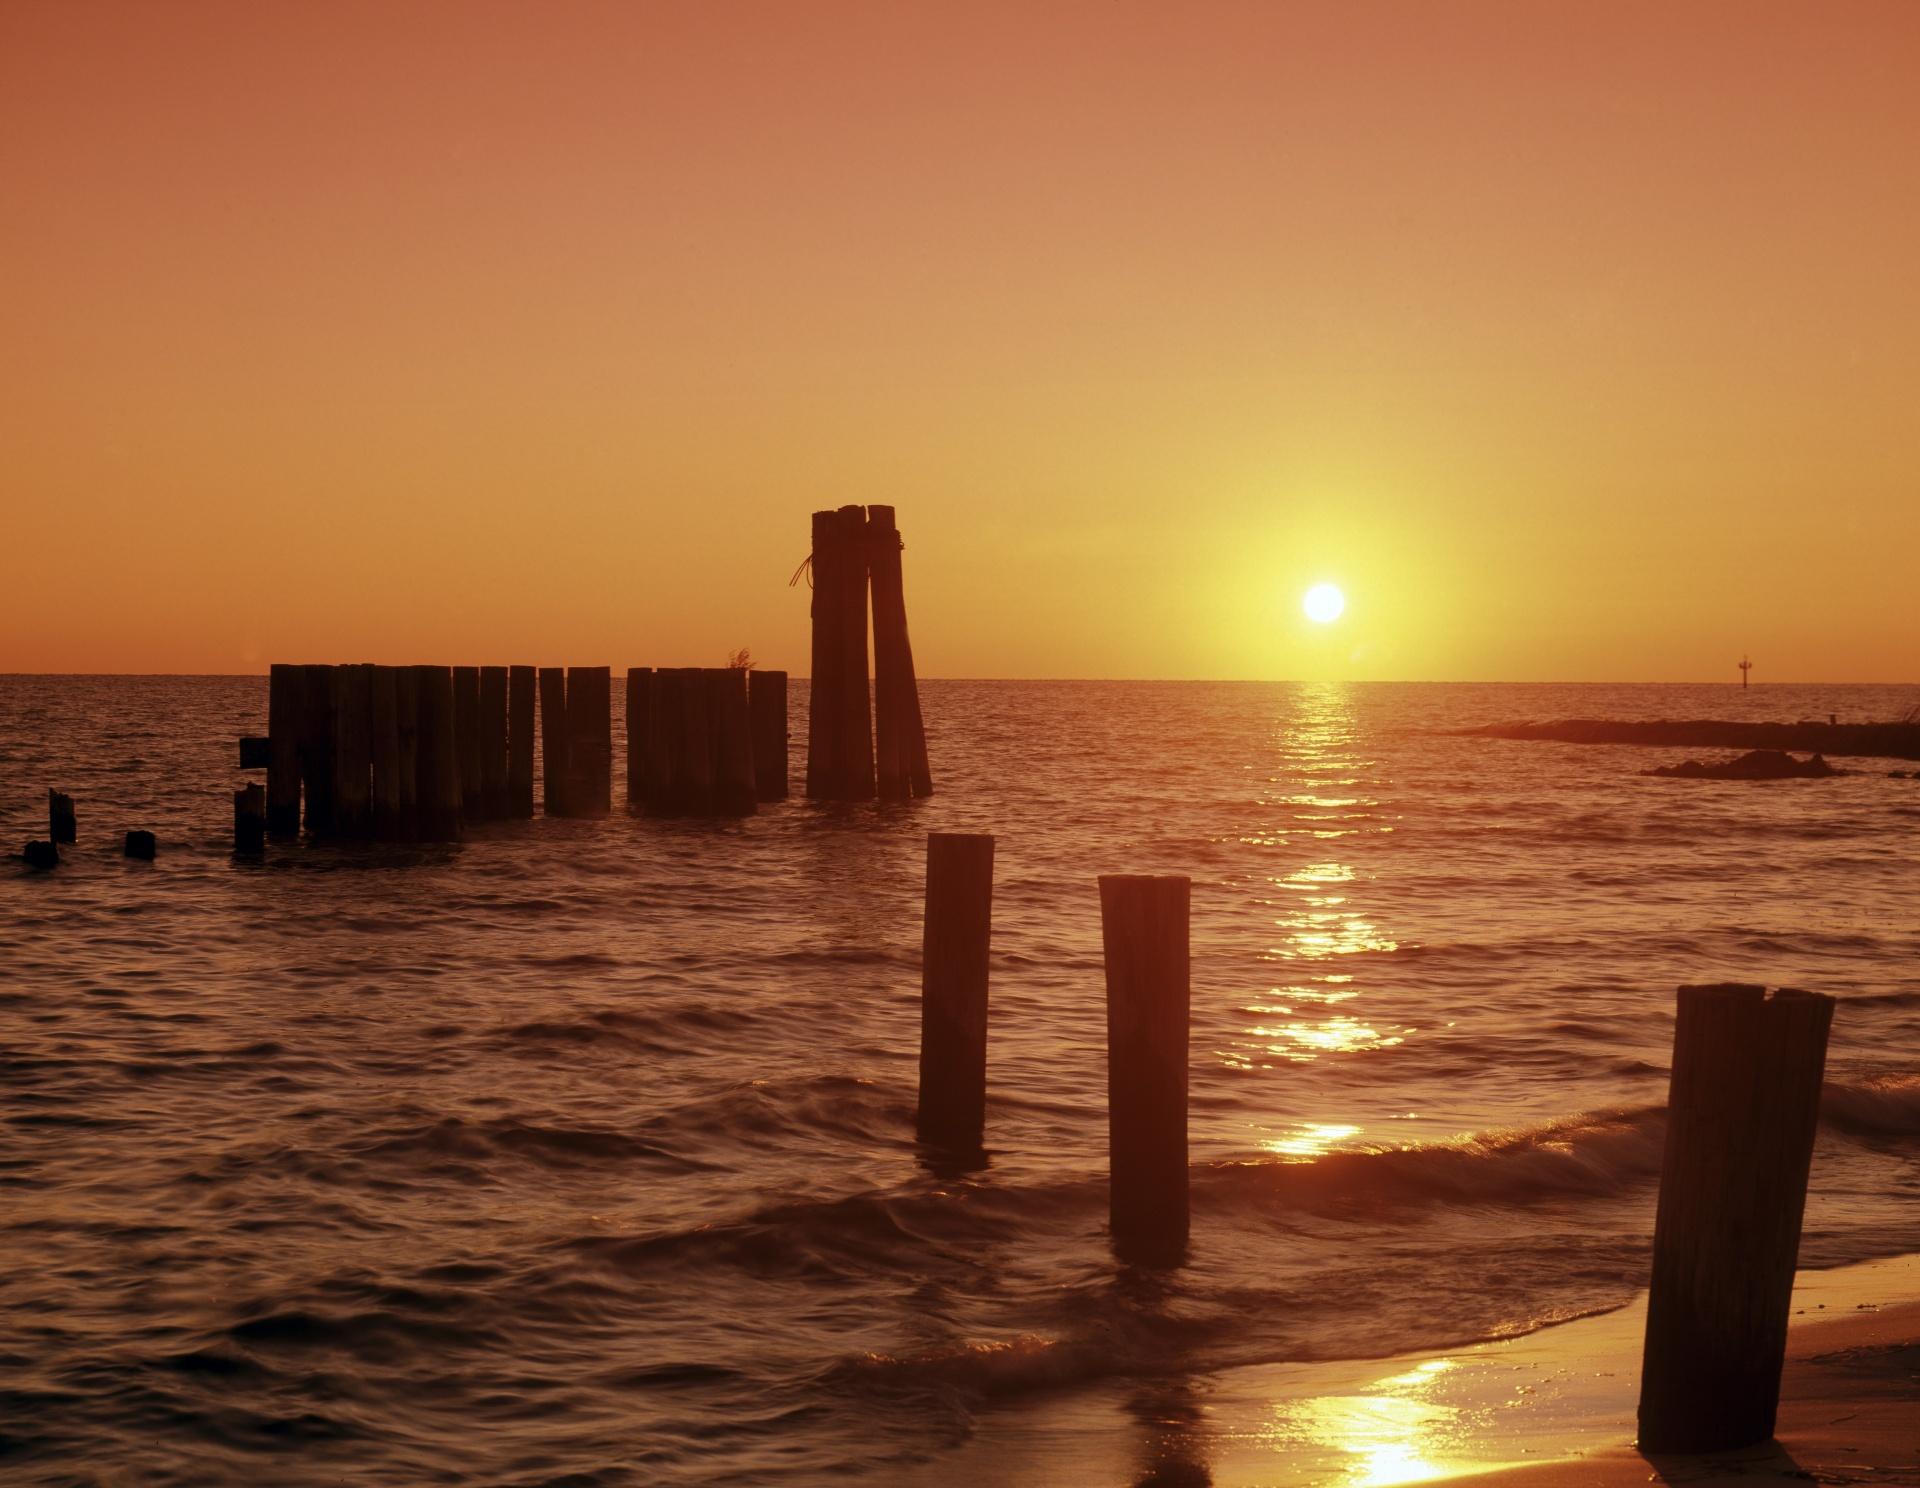 sunset-over-chesapeake-bay.jpg